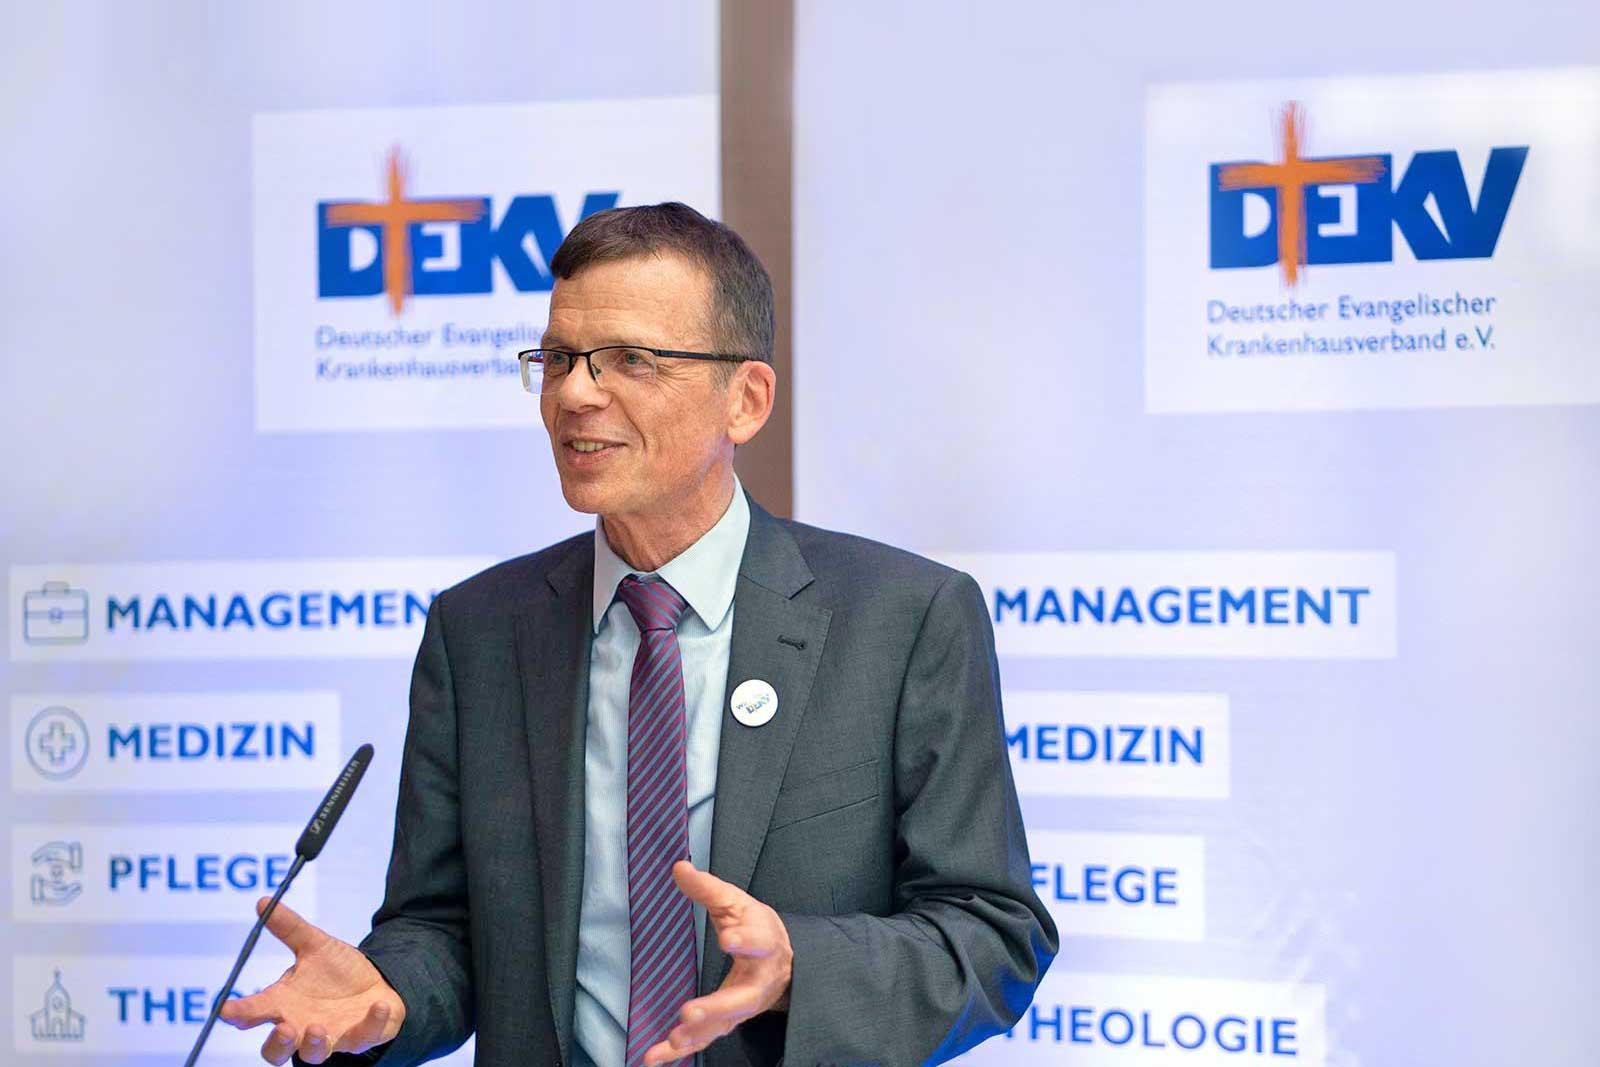 Christoph Radbruch DEKV JT 2019